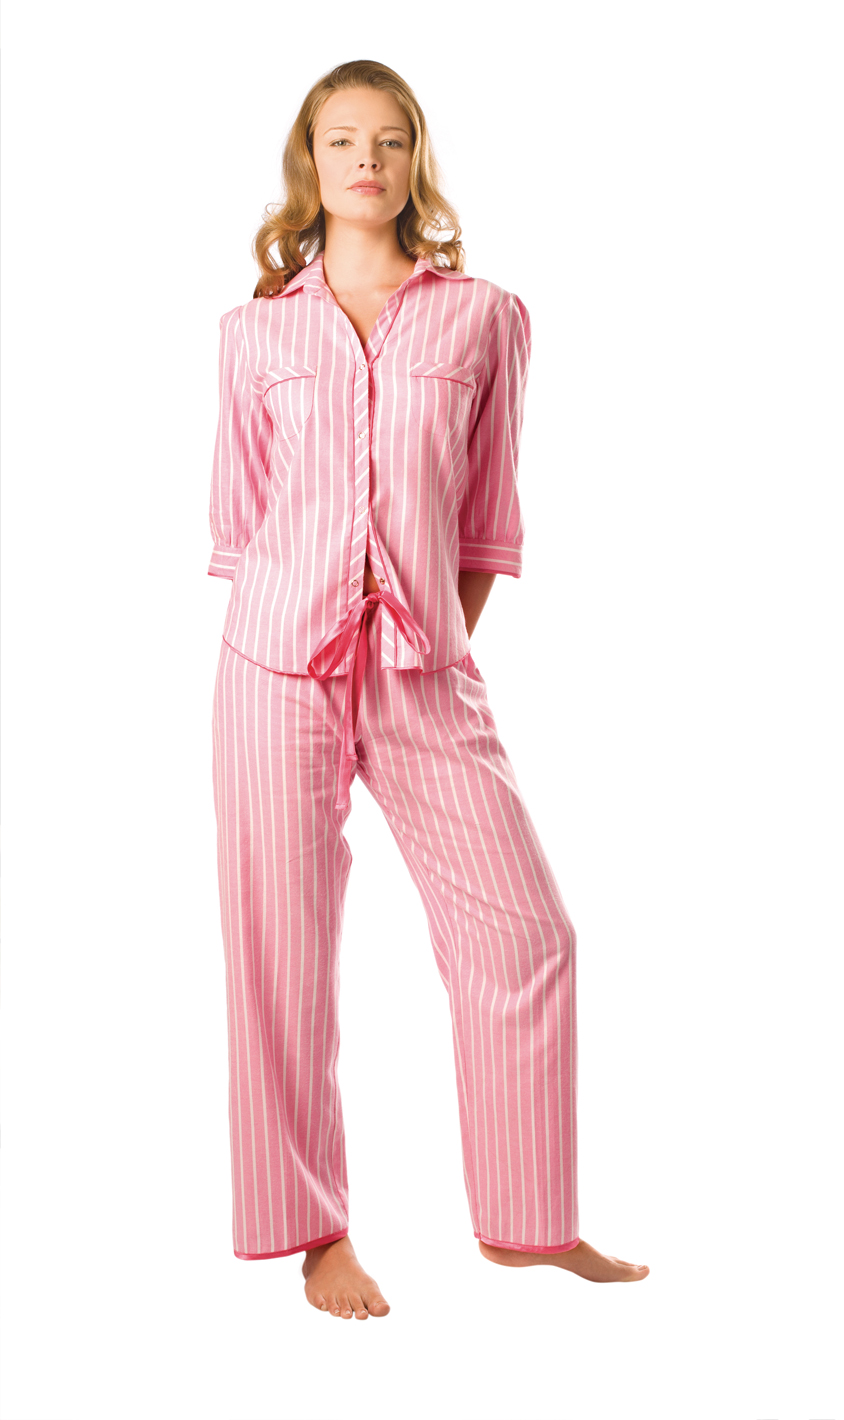 Pijamal� ve e�ofmal� bayan resimleri laz�m